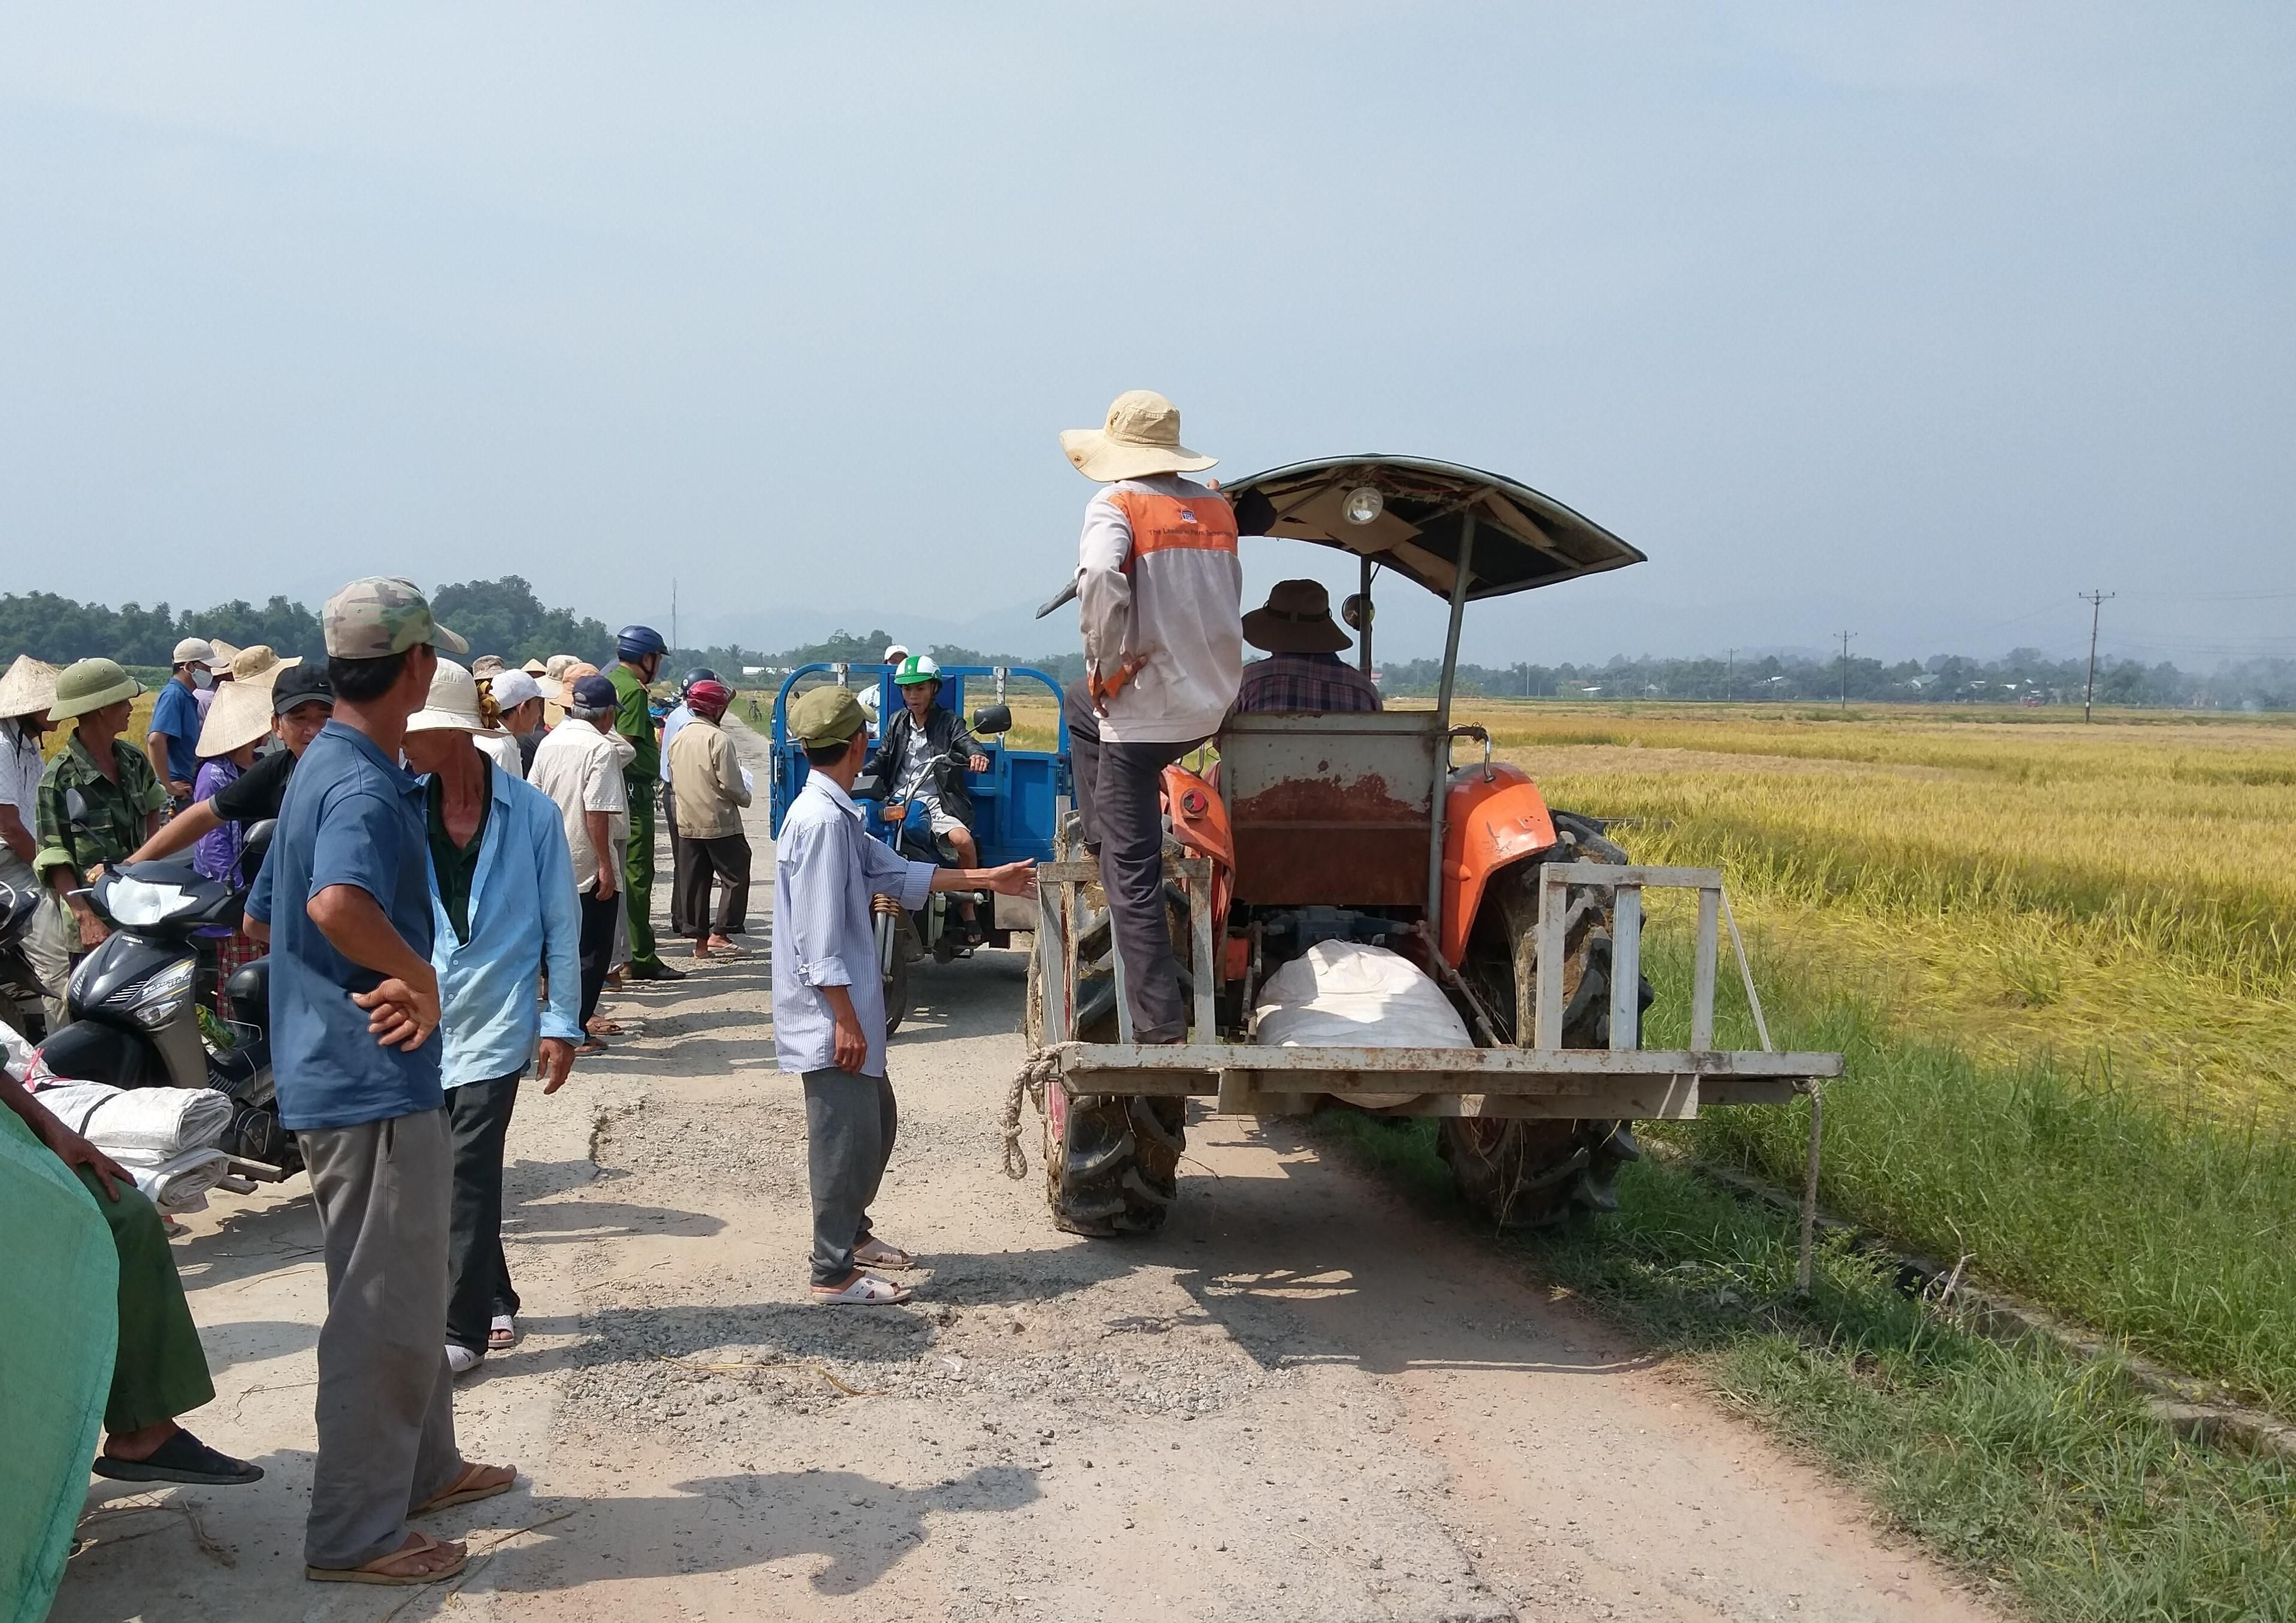 Kỳ lạ chuyện ở Huế, lúa chín rục không được thu hoạch do độc quyền máy gặt?